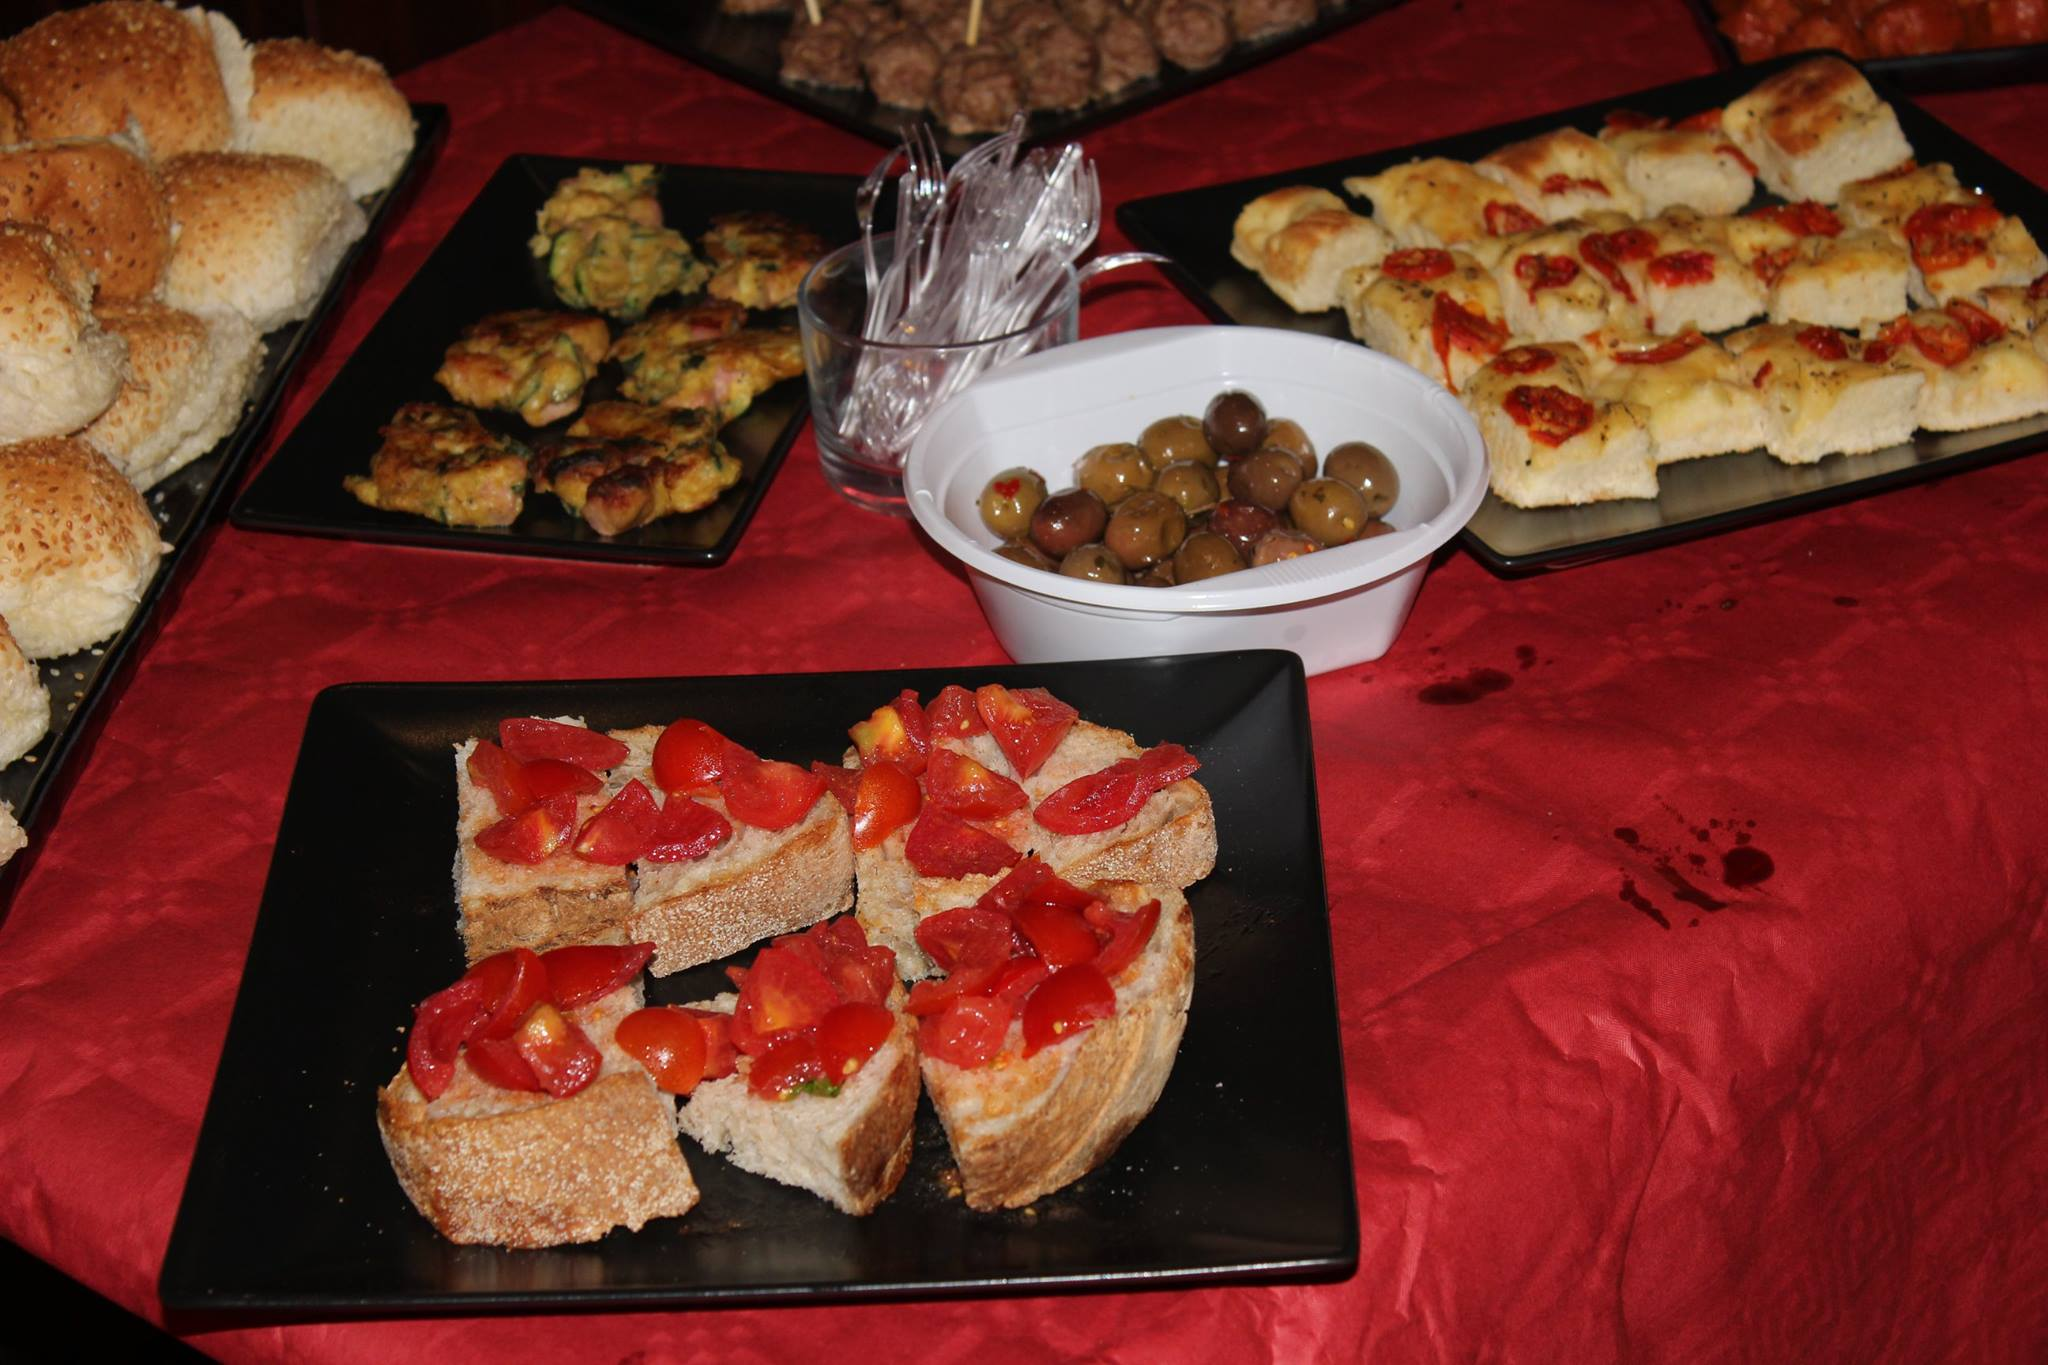 delle bruschette con pomodori freschi, olive taggiasche,pizzette e altro